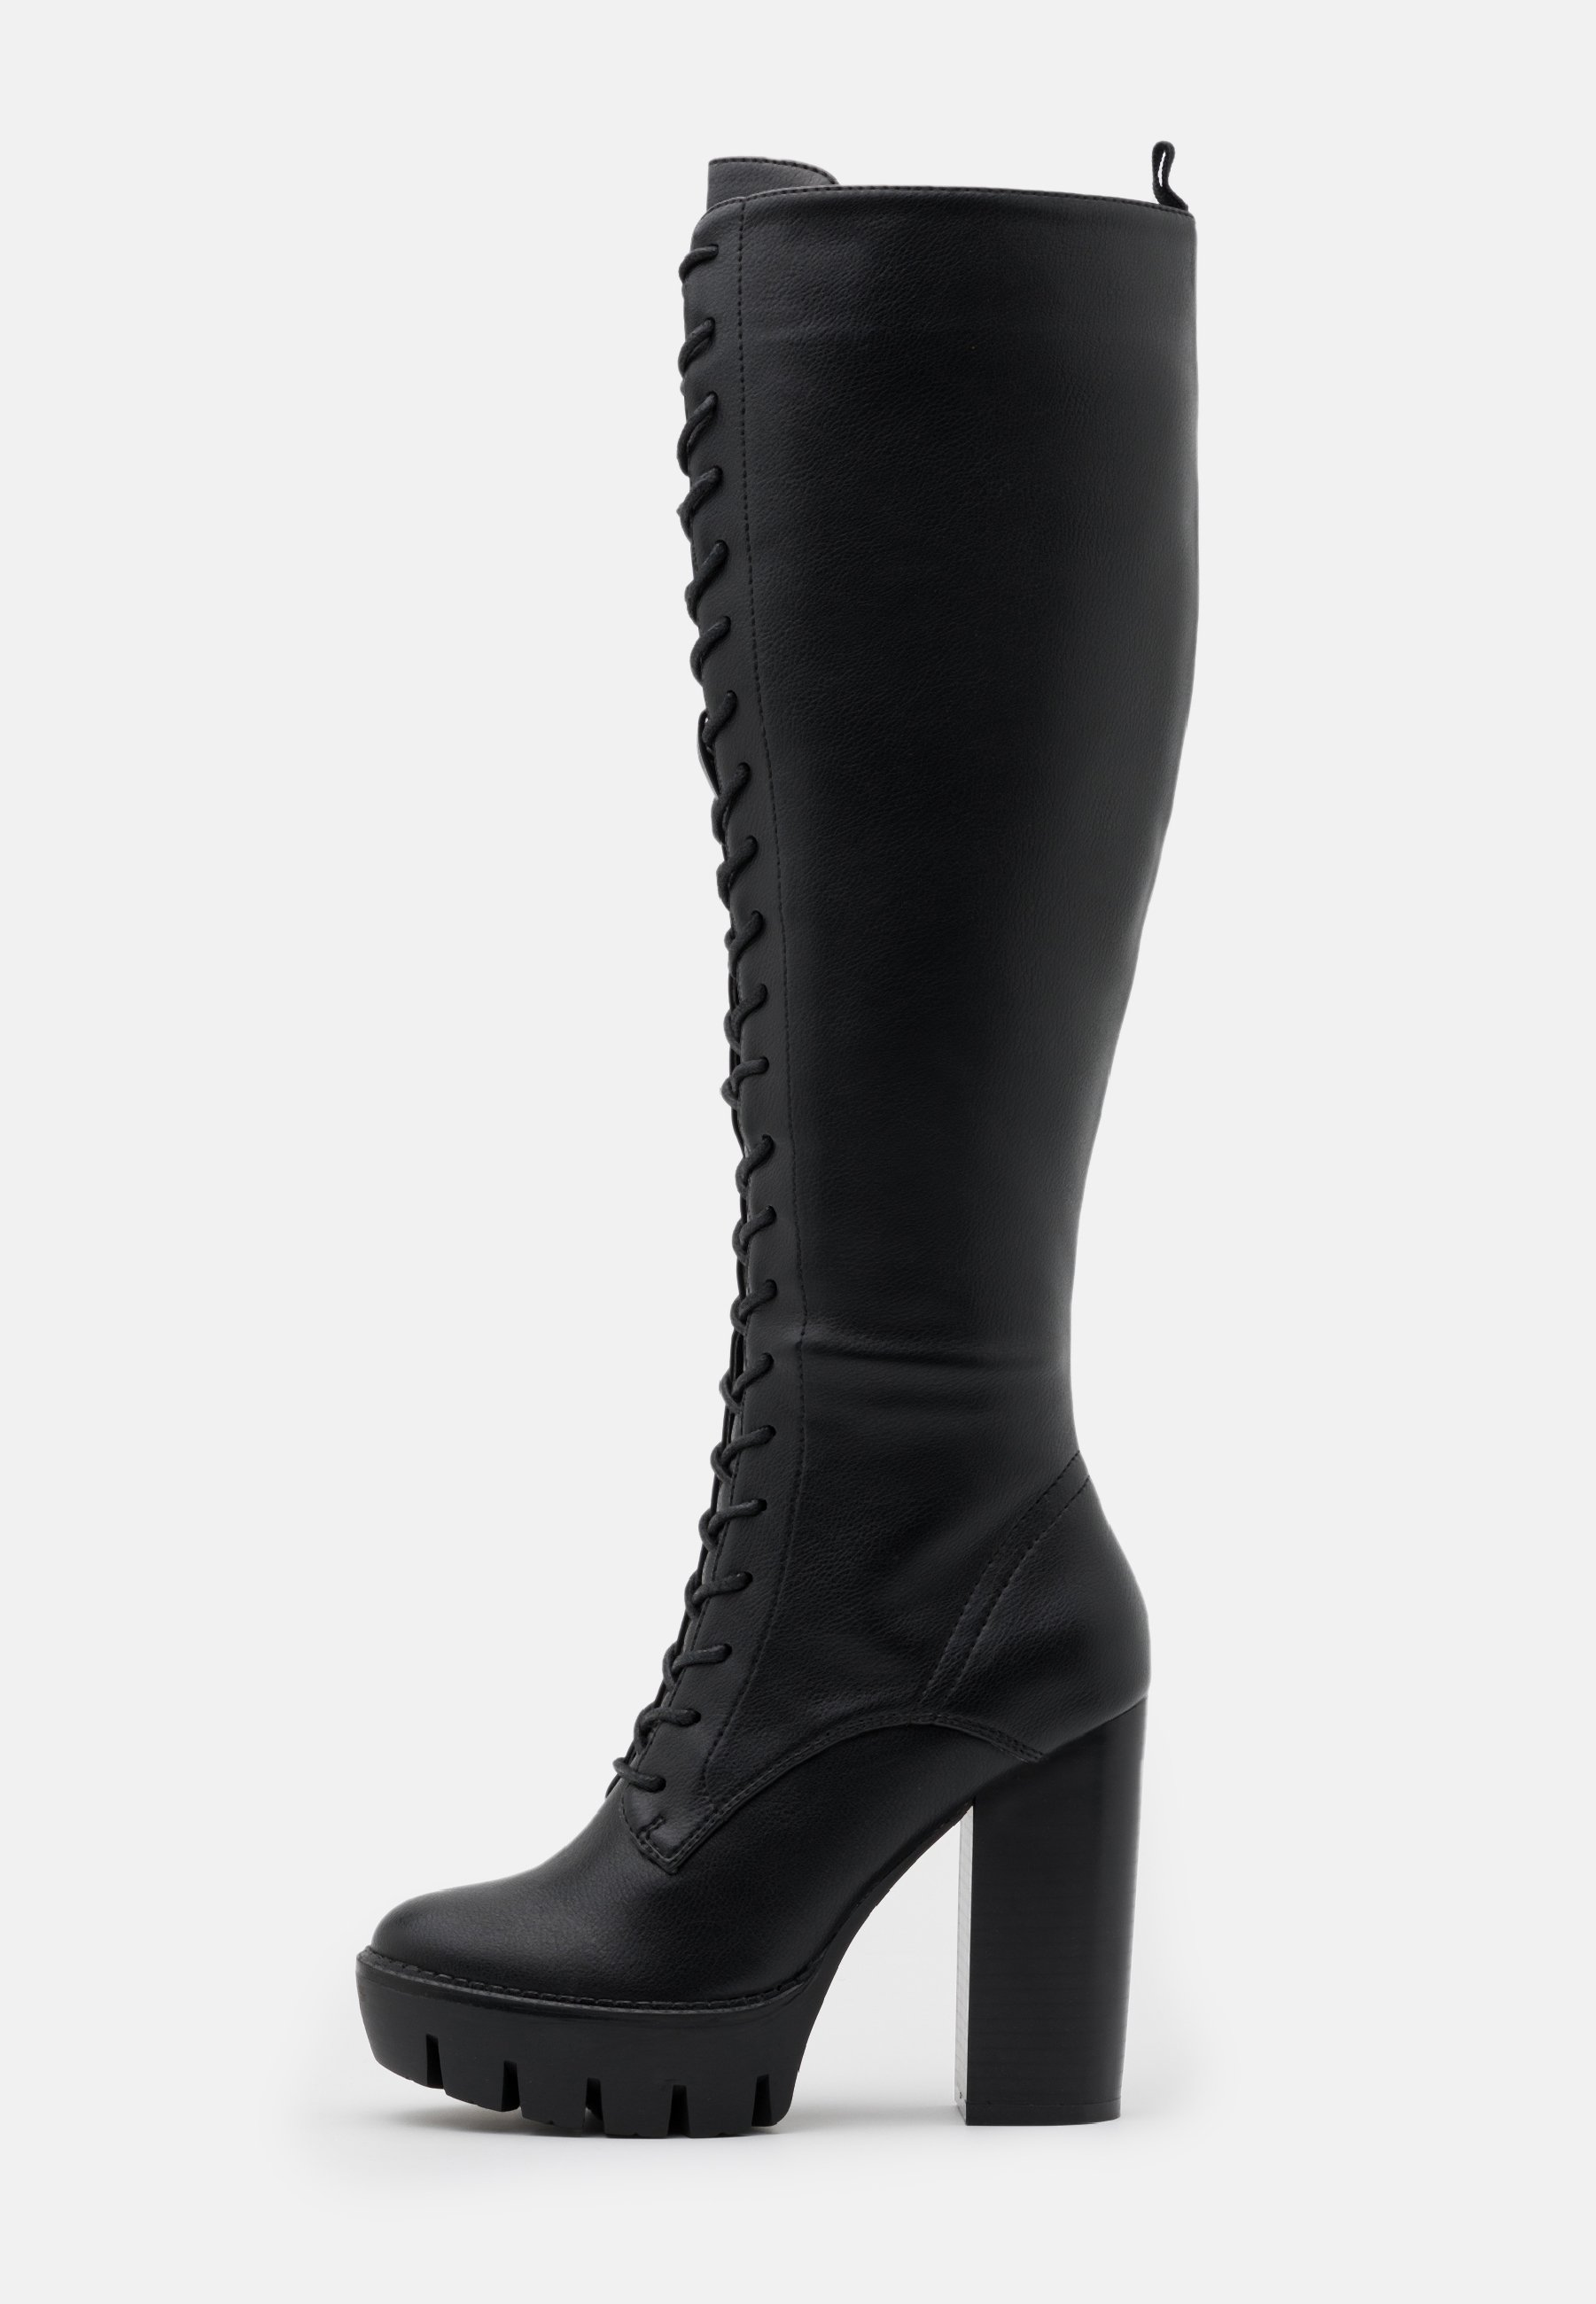 High heels stövlar | Köp högklackade stövlar online på Zalando